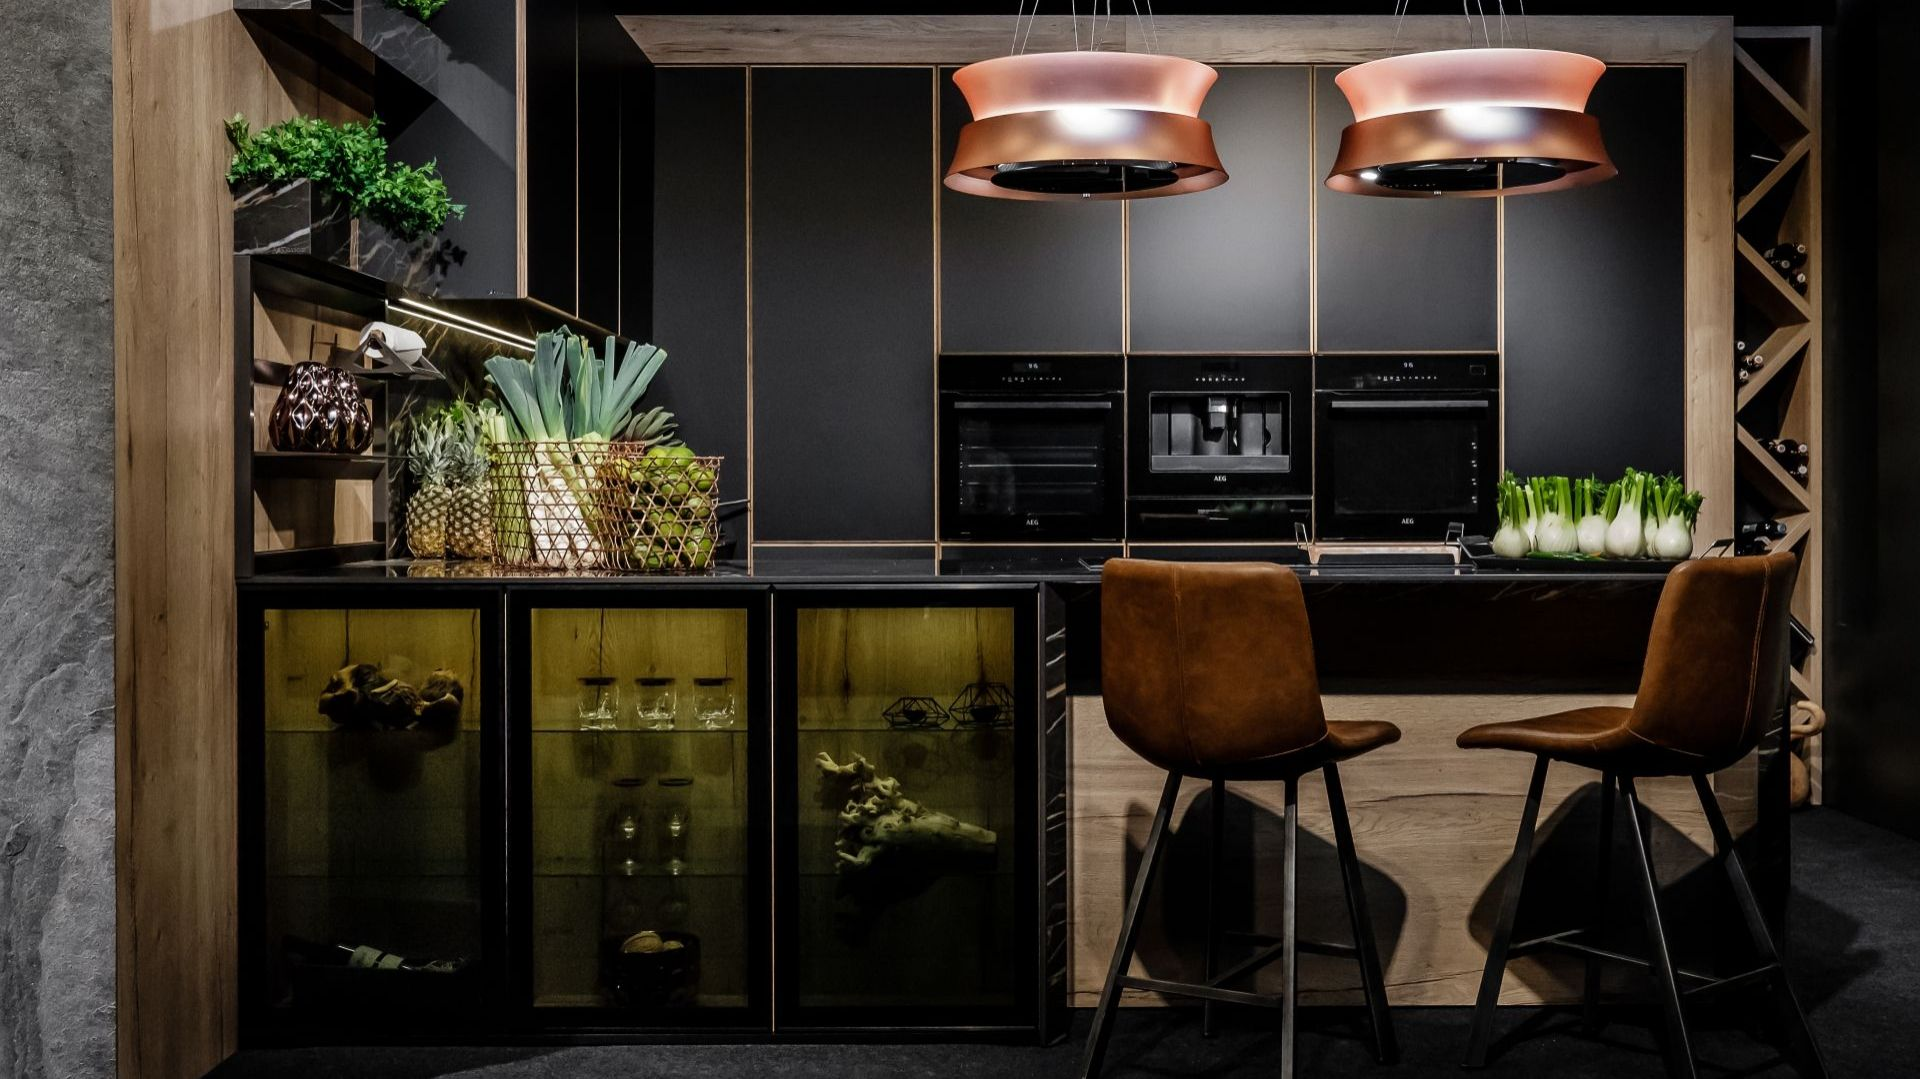 Kolekcja mebli Manu/A&K. Wyróżnienie w kategorii Przestrzeń Kuchni i Jadalni